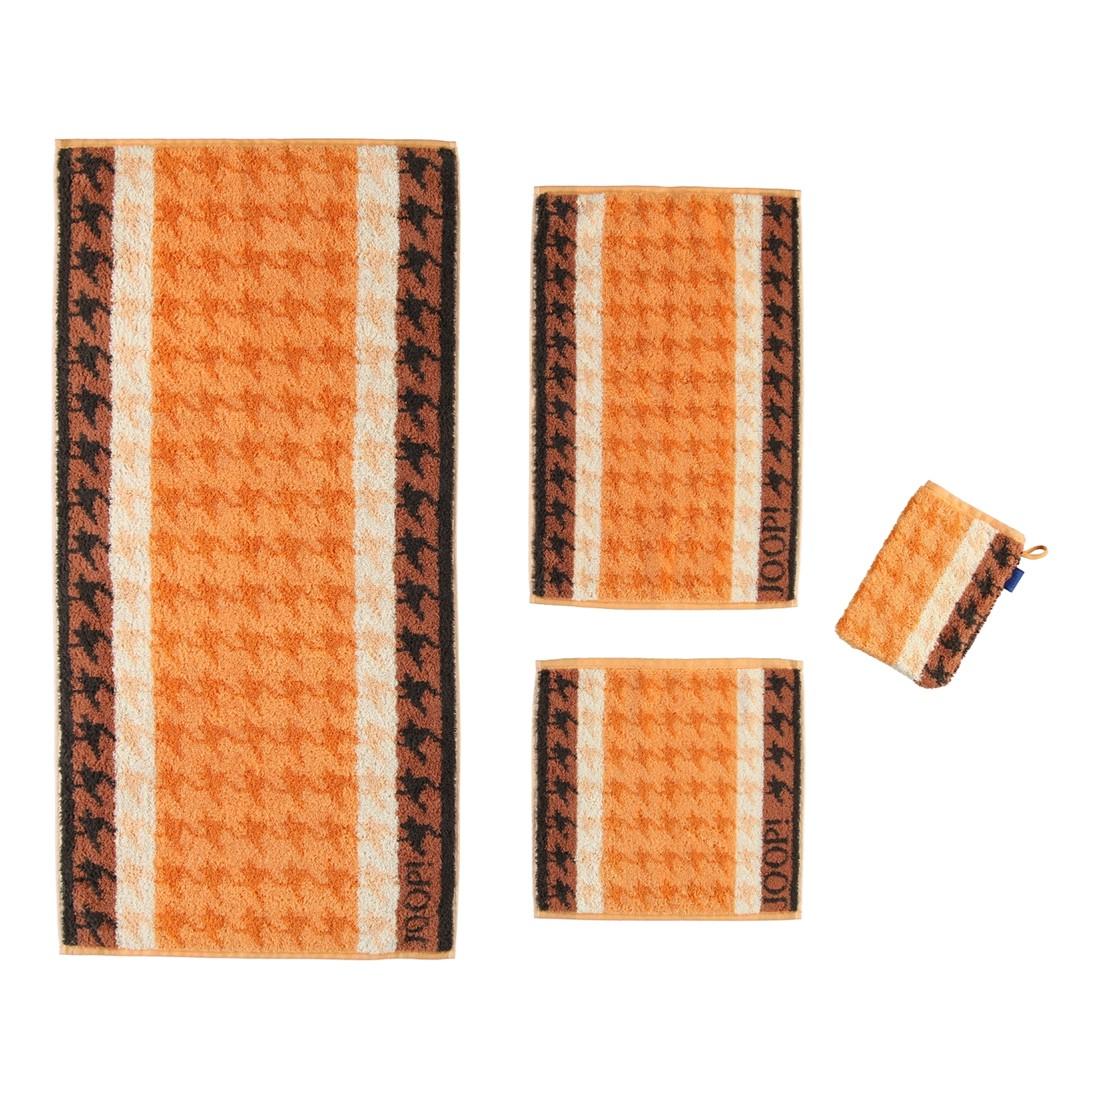 Handtuch Elegance Graphic – 100% Baumwolle kupfer – 32 – Handtuch: 50 x 100 cm, Joop günstig online kaufen